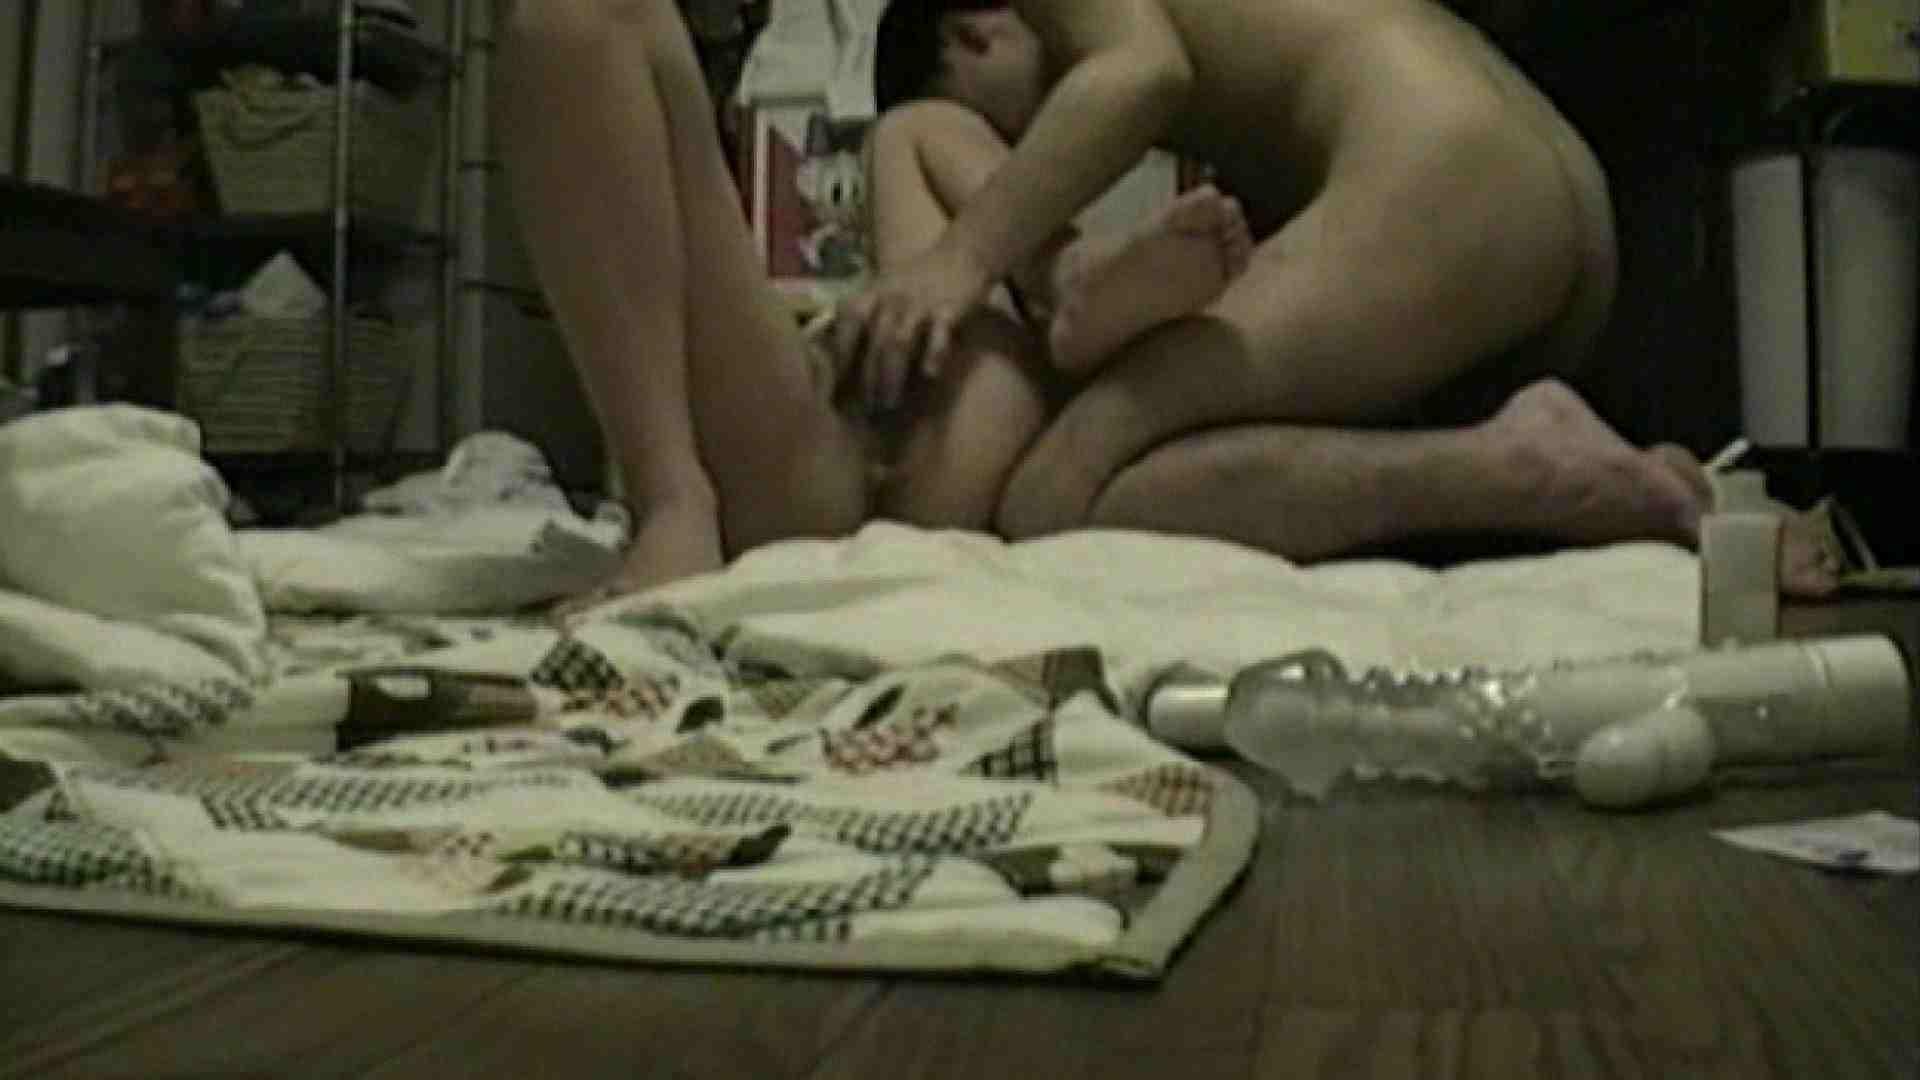 最愛の妻 TAKAKO 愛のSEX Vol.03 SEX映像  87連発 78